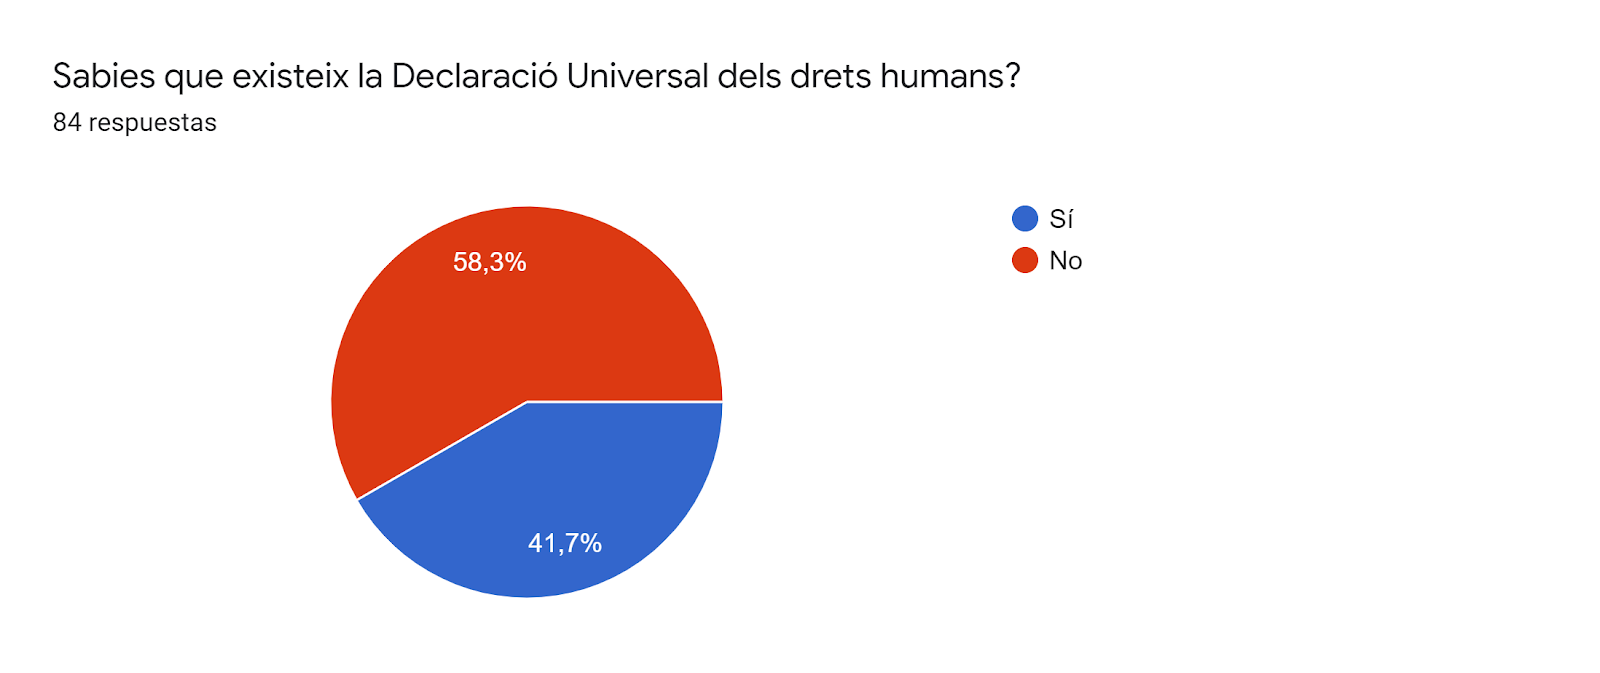 Gráfico de respuestas de formularios. Título de la pregunta:Sabies que existeix la Declaració Universal dels drets humans?. Número de respuestas:84 respuestas.